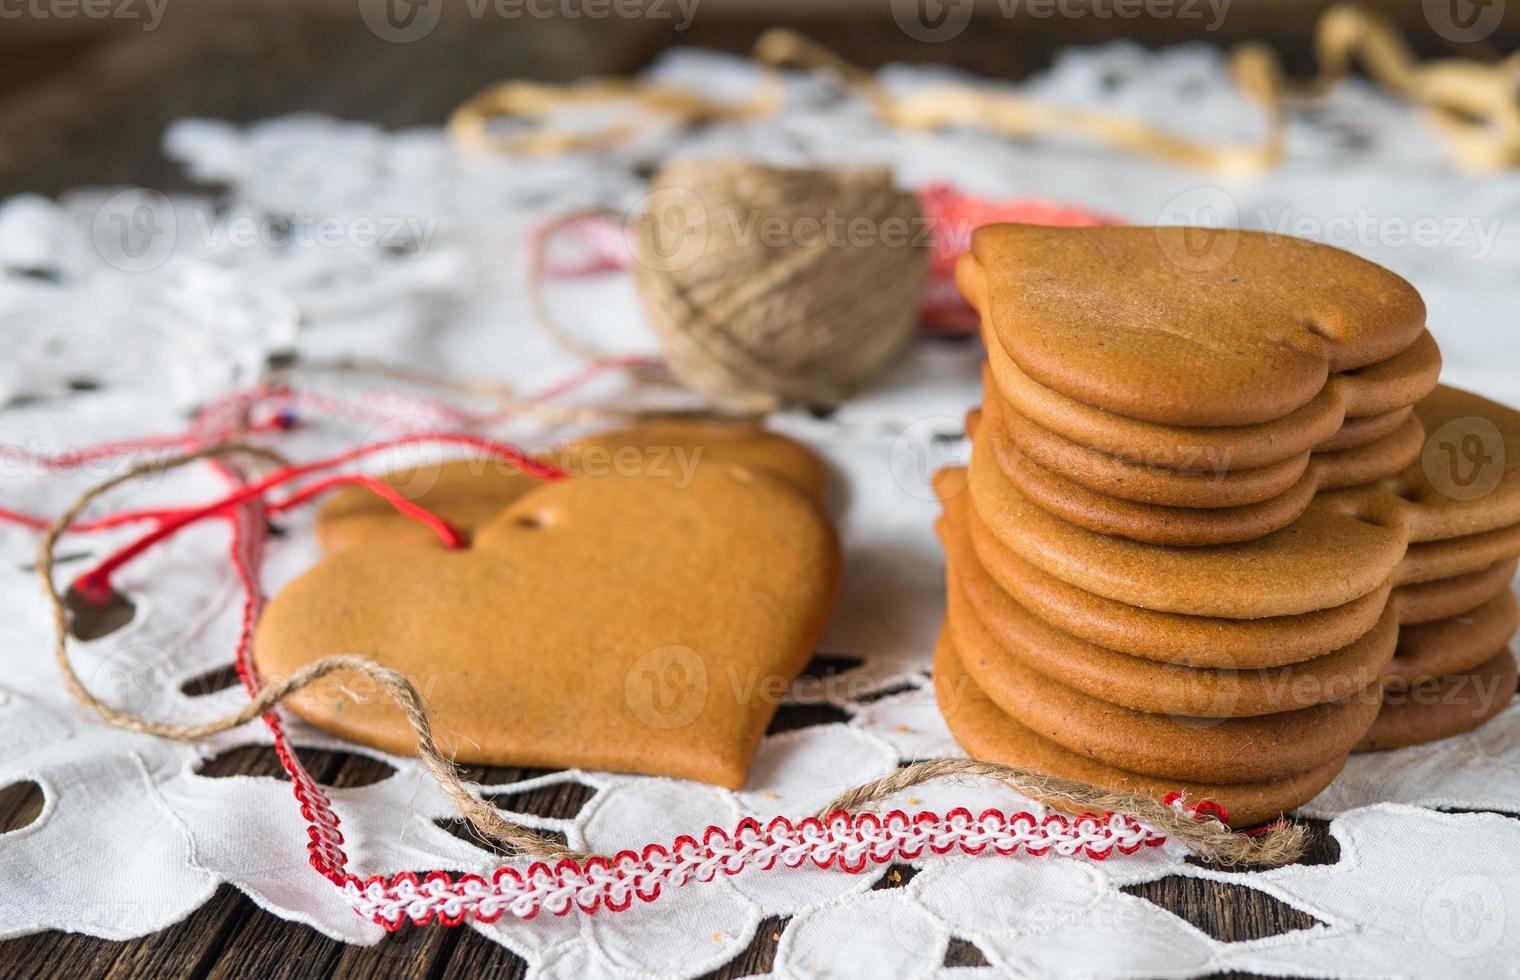 biscuits à base de pâte de miel photo